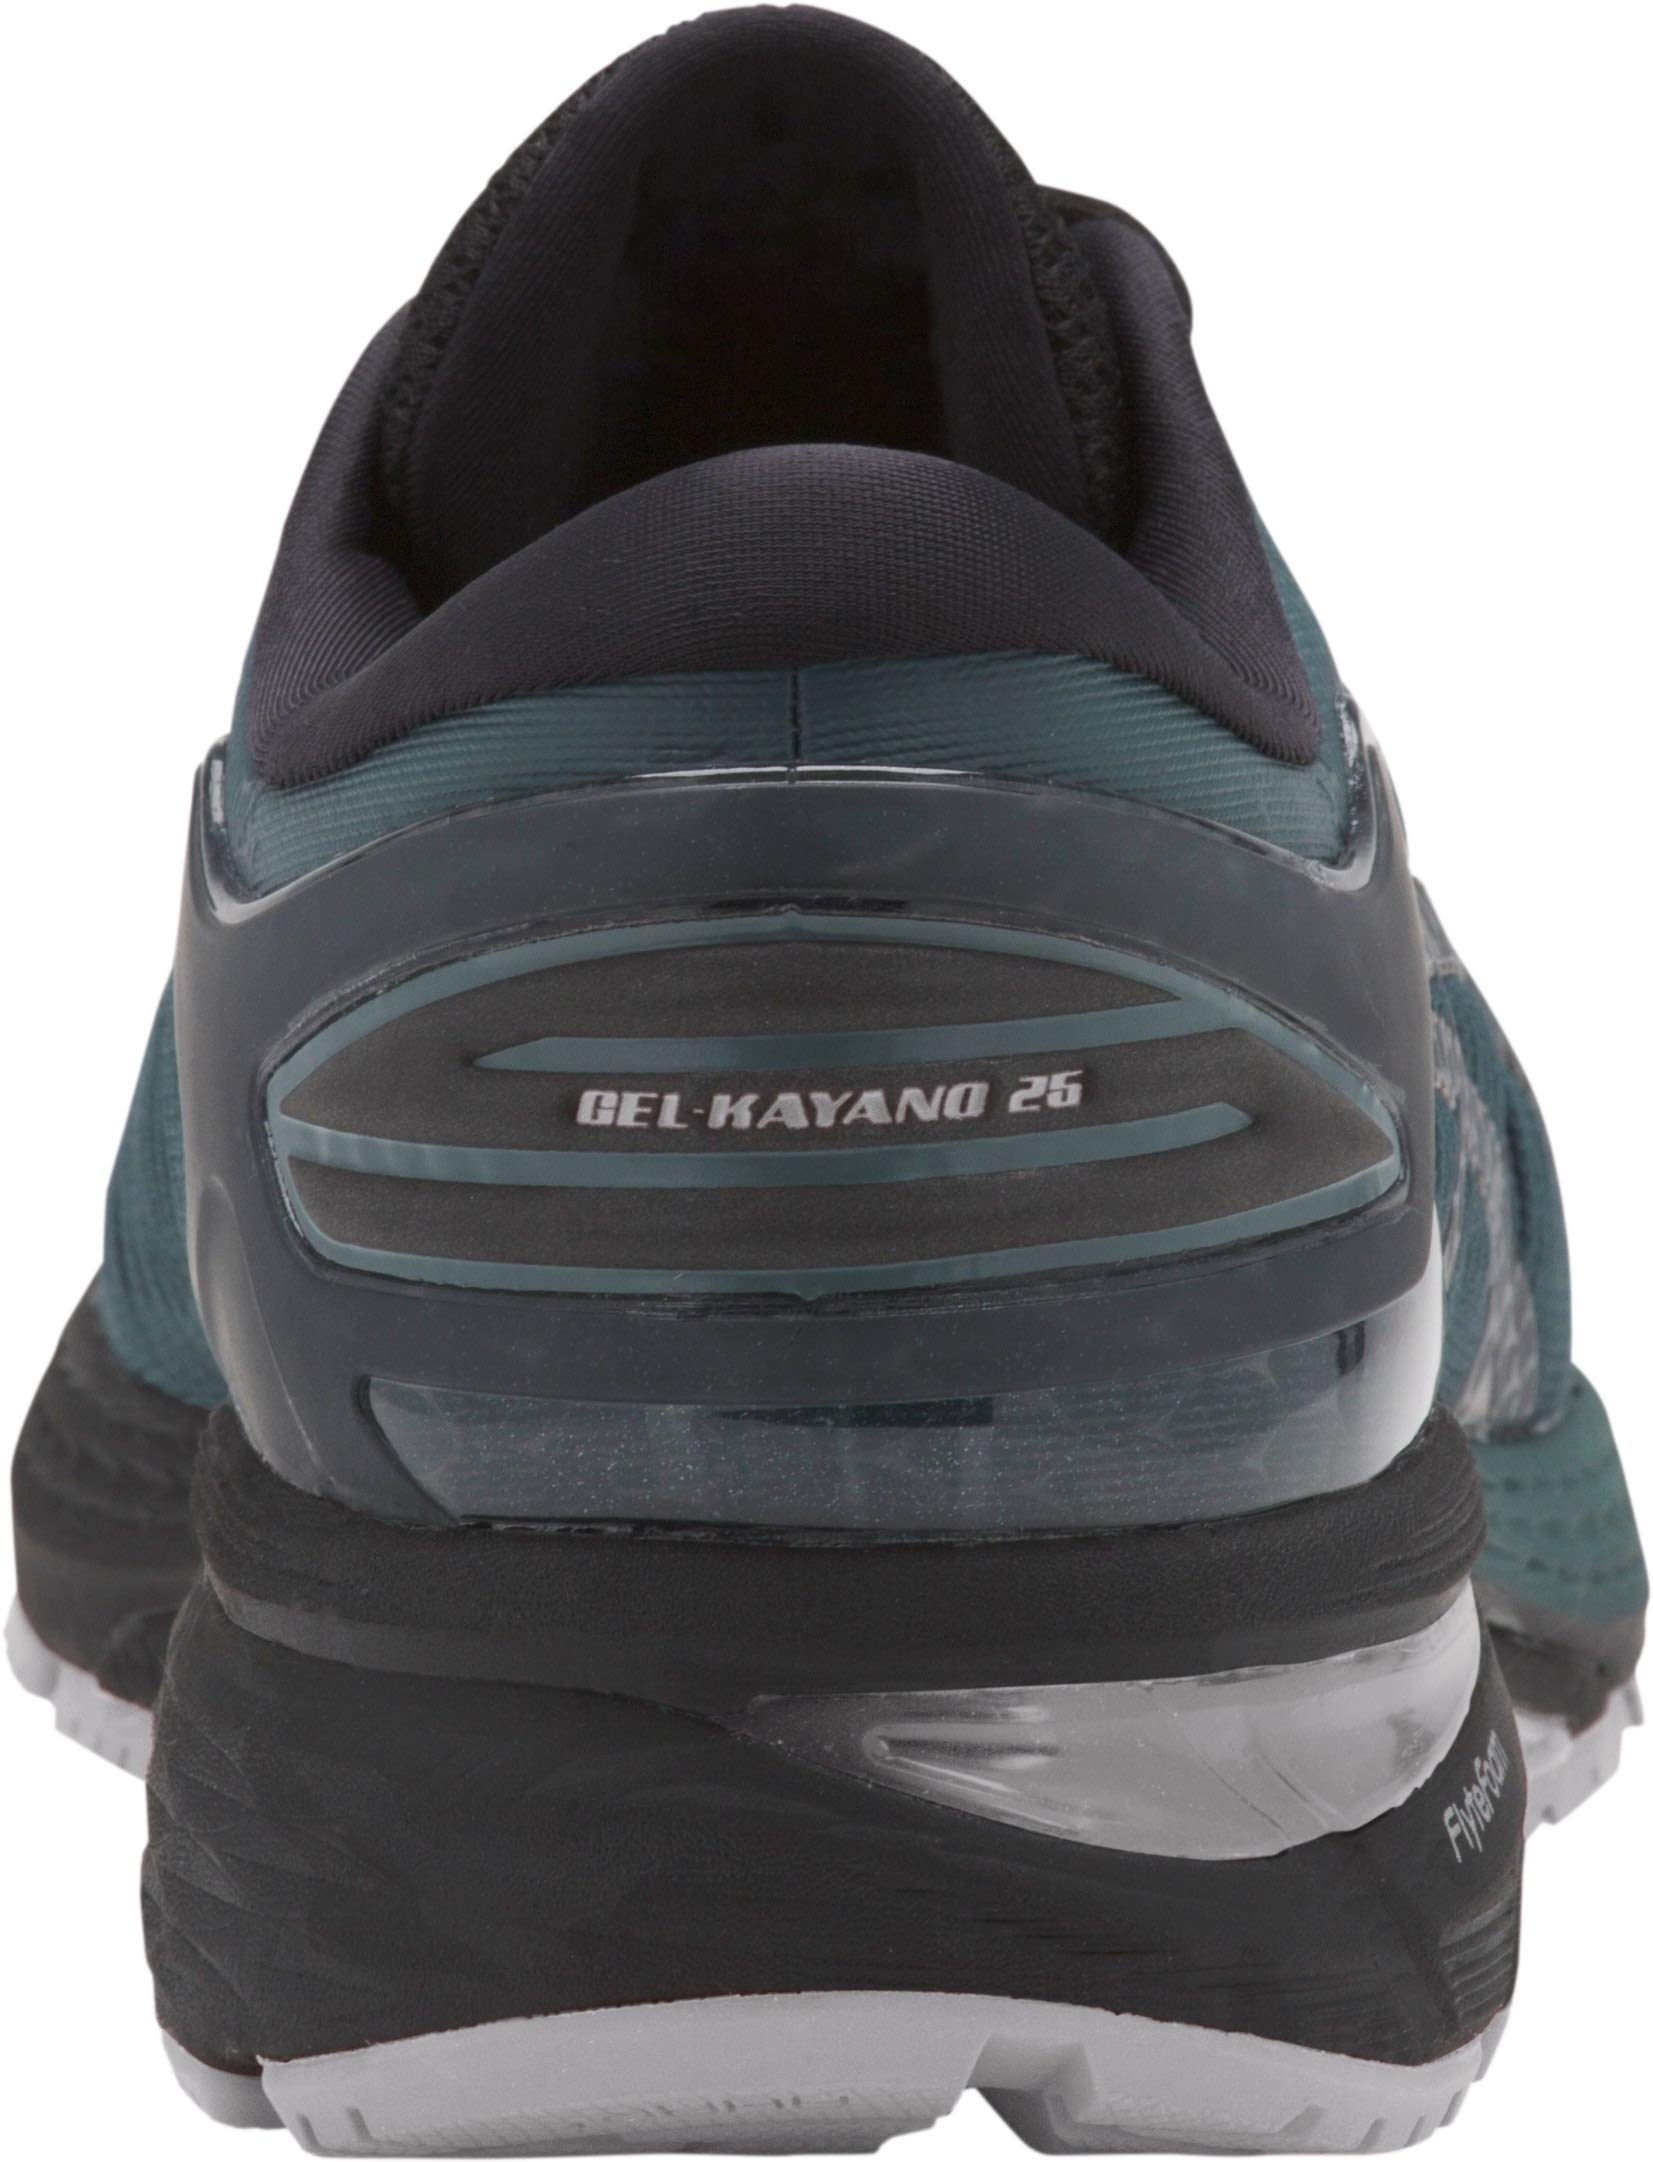 ASICS Men's Gel-Kayano 25 Running Shoe, Iron Clad/Black, 7 D(M) US by ASICS (Image #7)